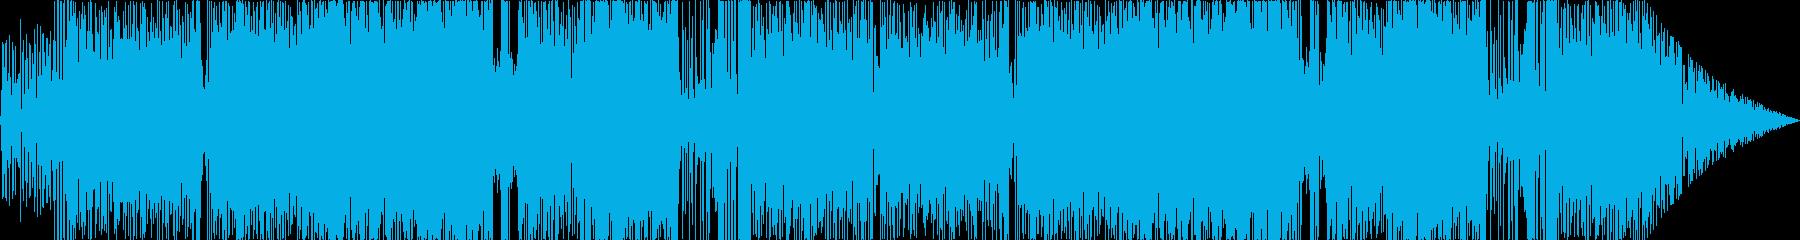 マリオカート系BGM 海と町のサンバの再生済みの波形